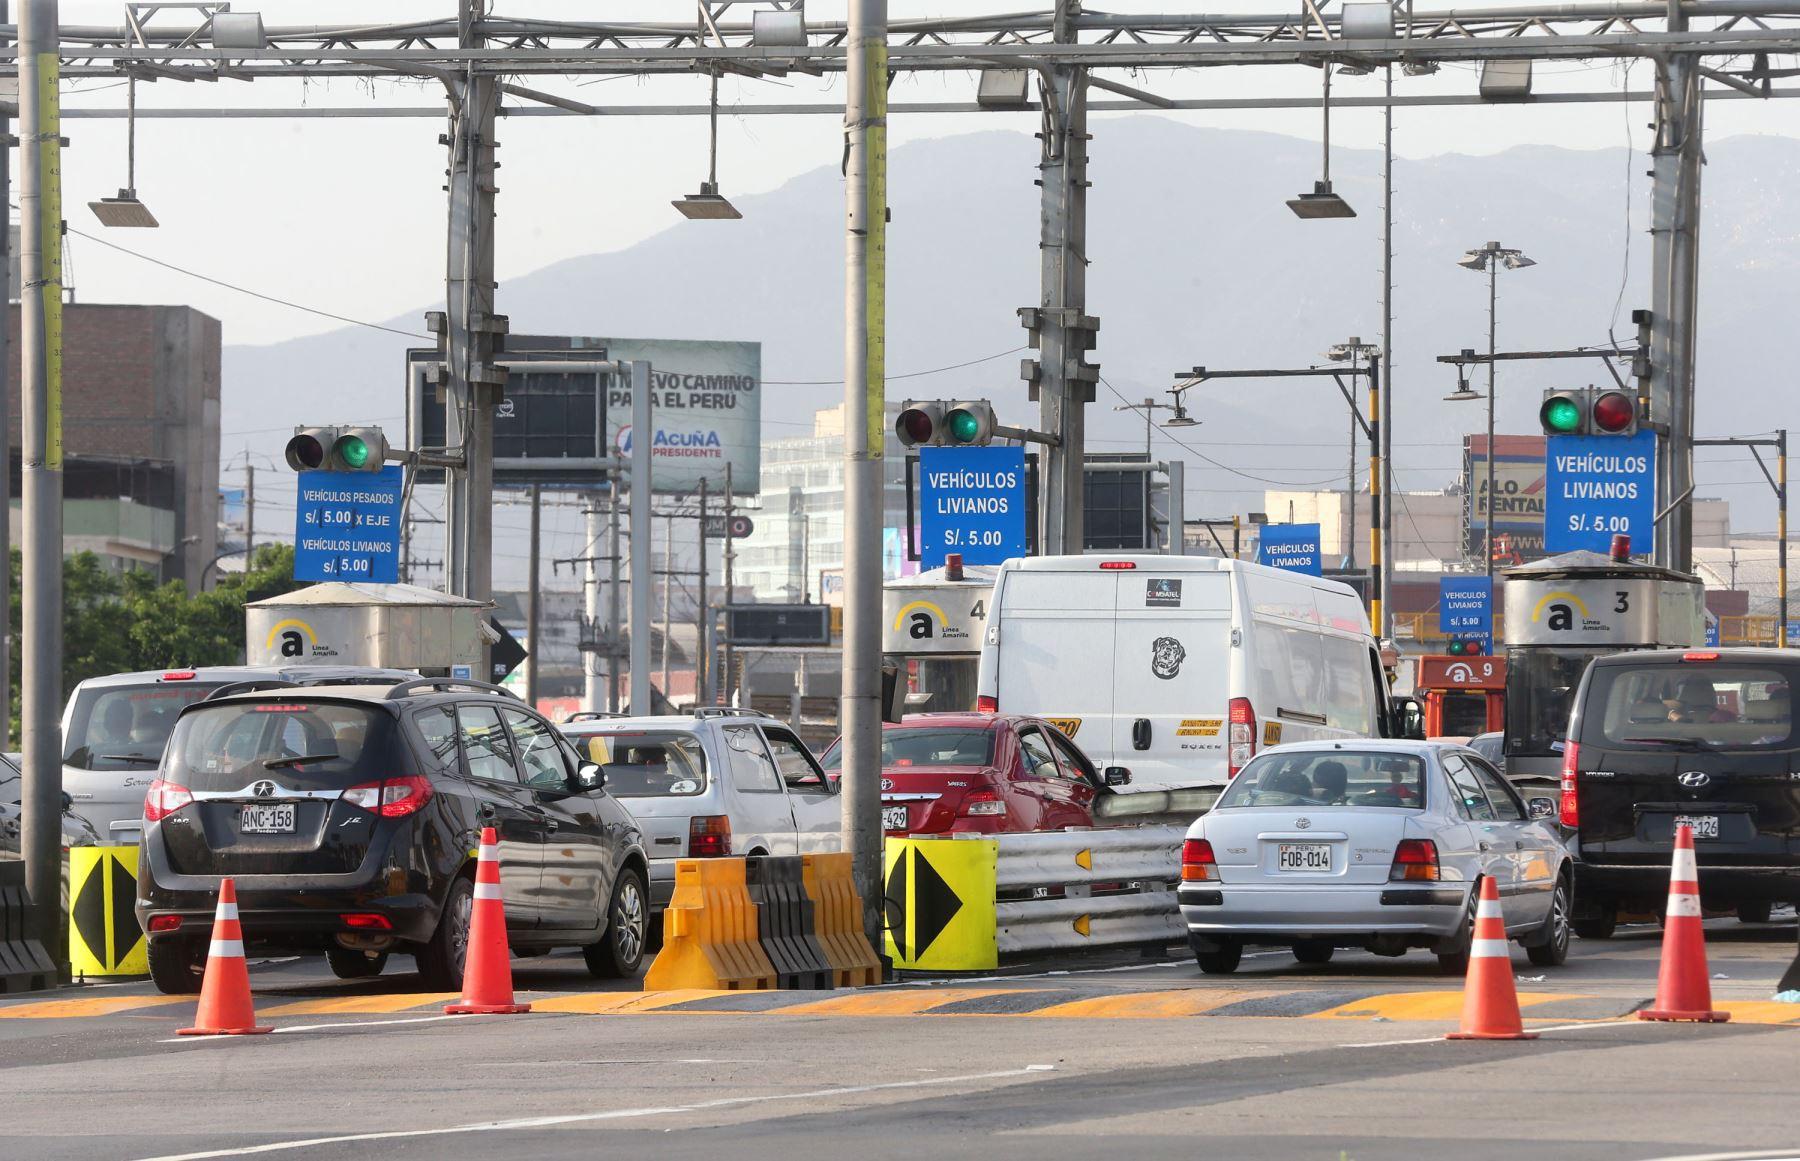 Perú: Municipalidad de Lima anuncia que el aumento del peaje aun está en arbitraje